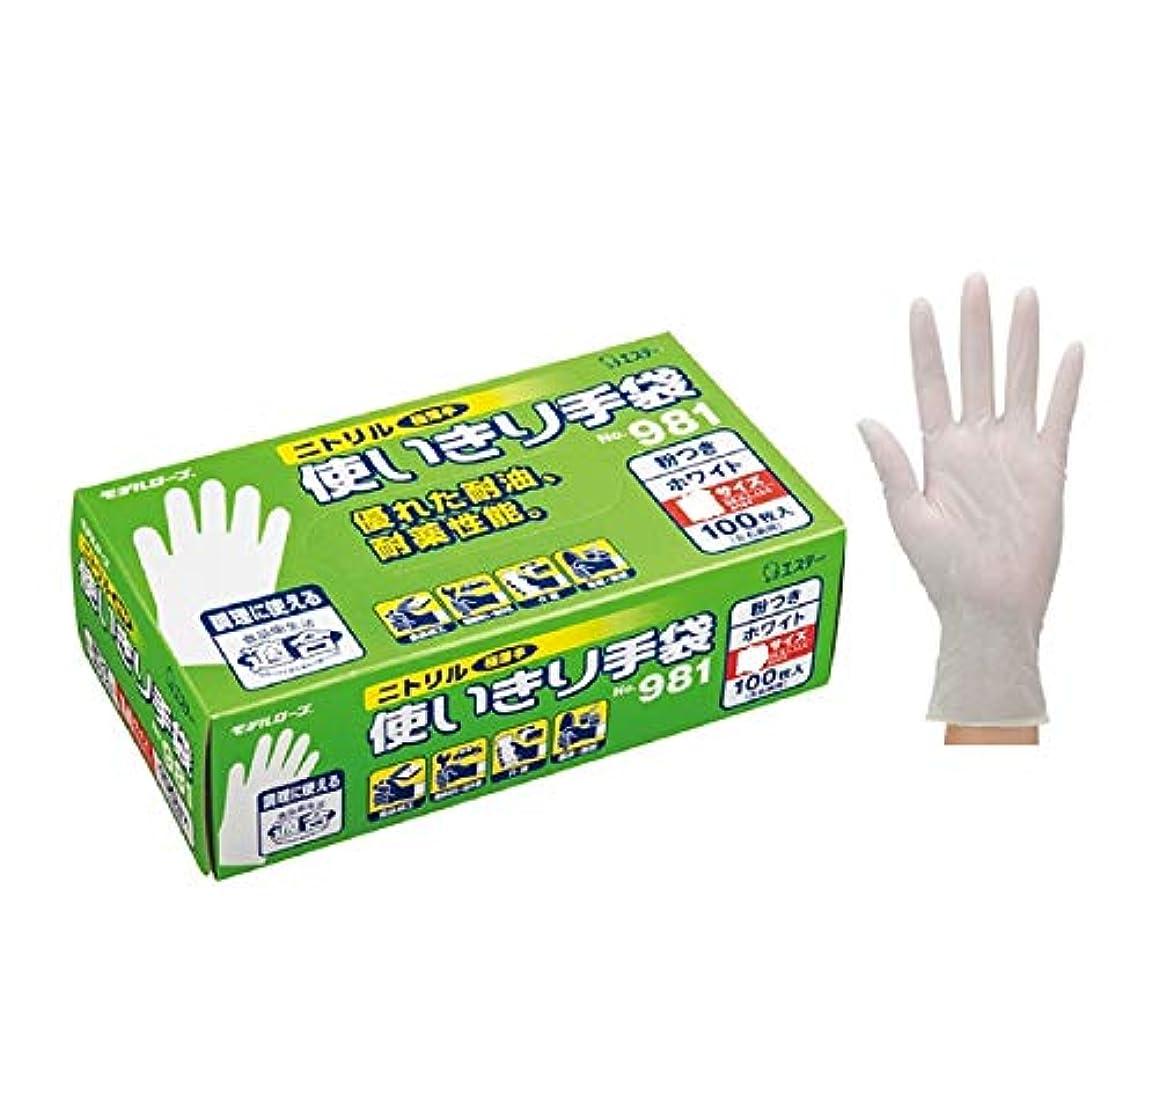 スタジオ喜んで病んでいるエステー ニトリル手袋/作業用手袋 [粉付 No981/M 12箱]